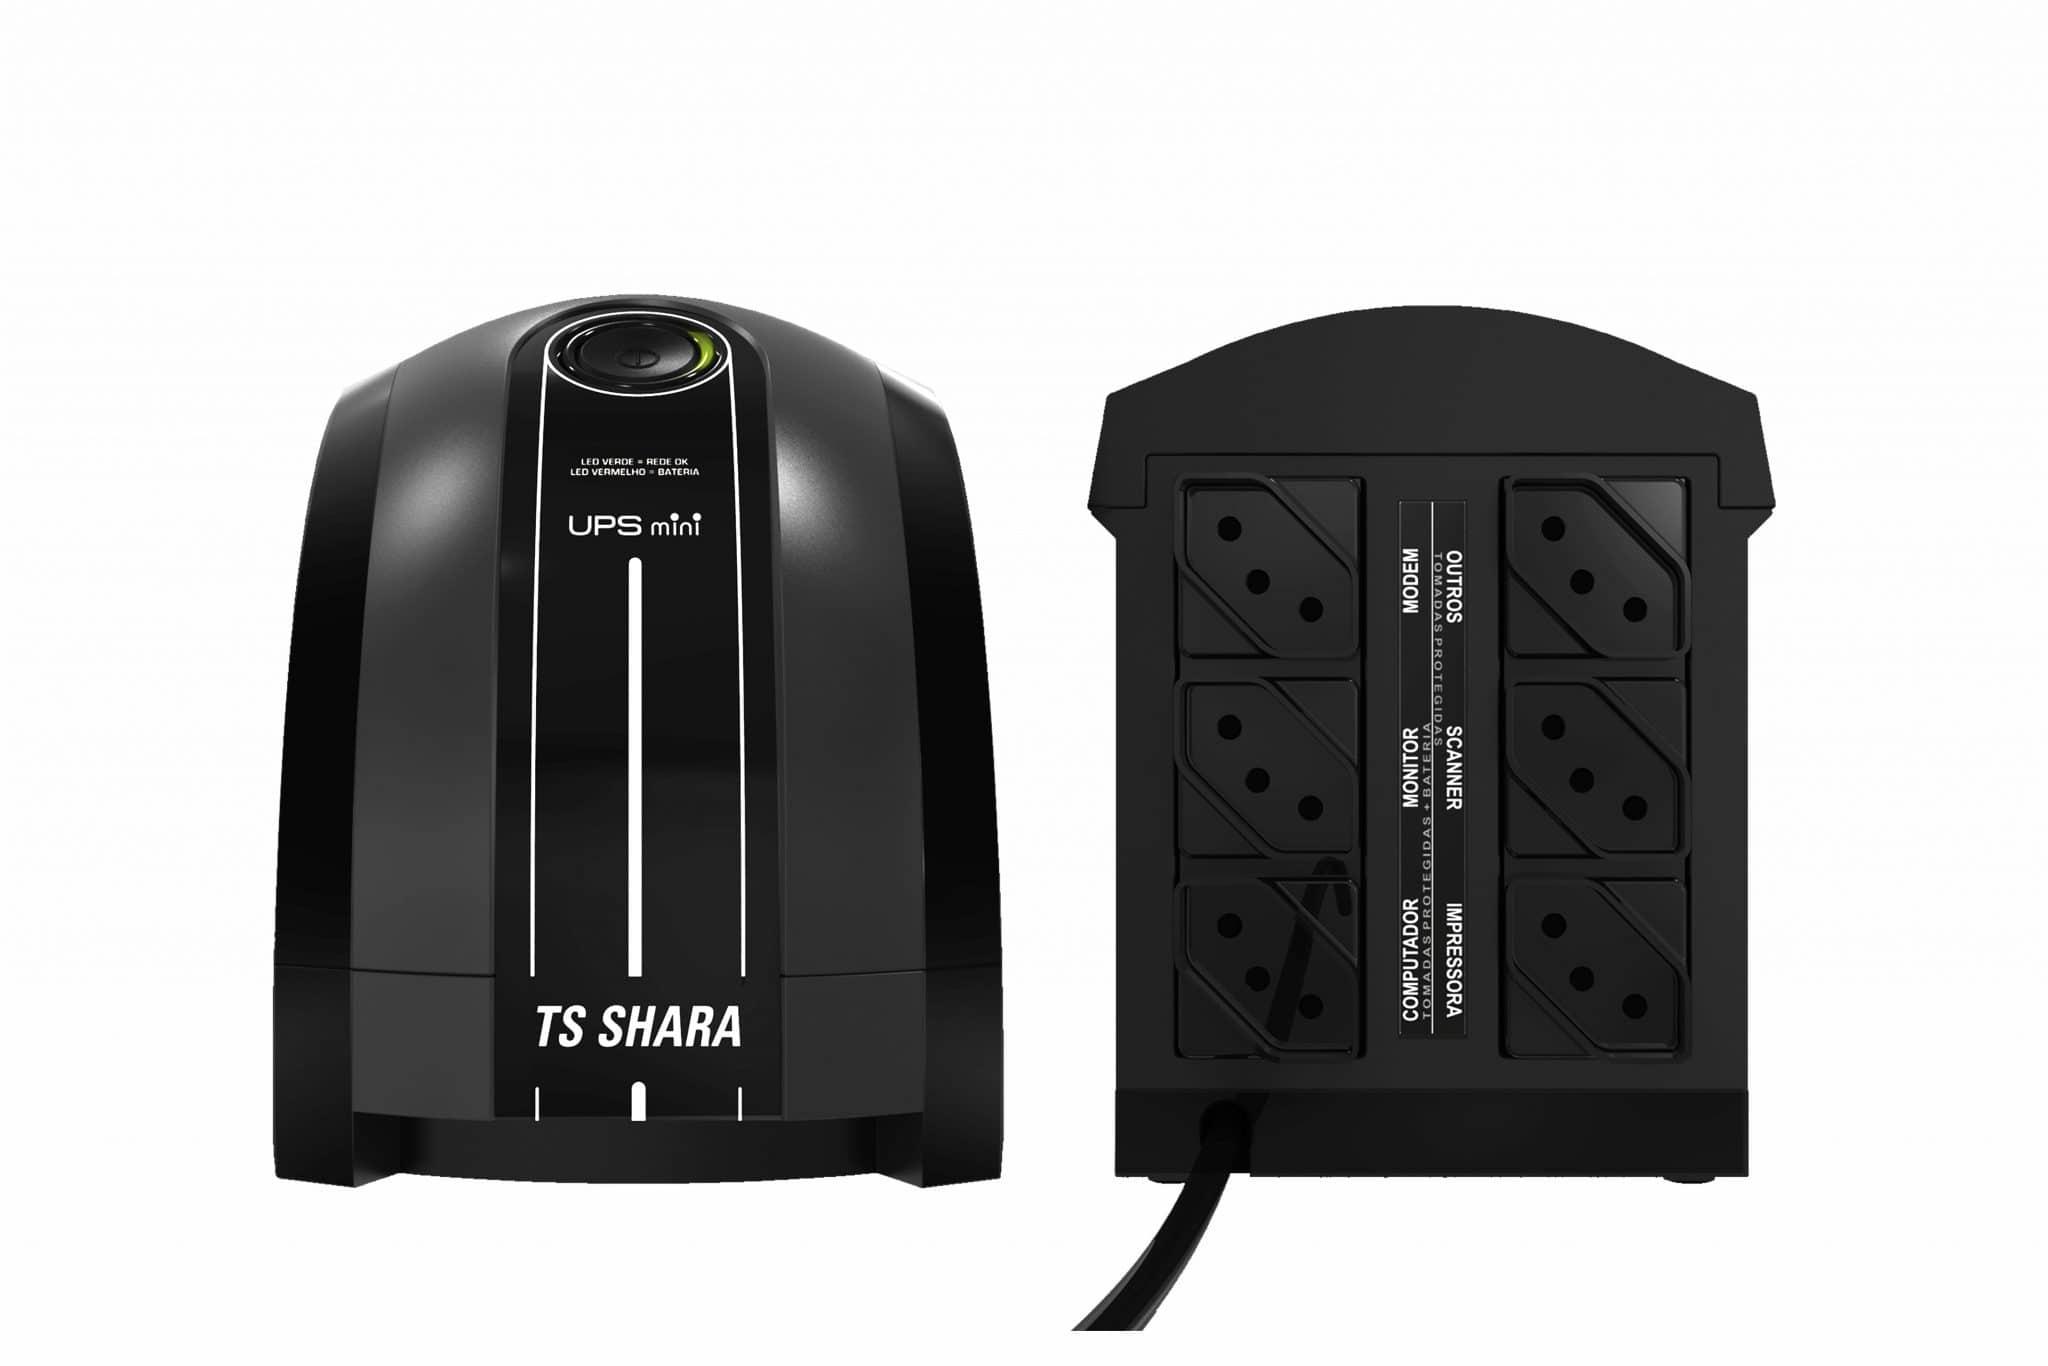 Nobreak UPS Mini microprocessado da TS SHARA é a melhor relação custo benefício do mercado, pois renune tecnologia e preço competitivo.